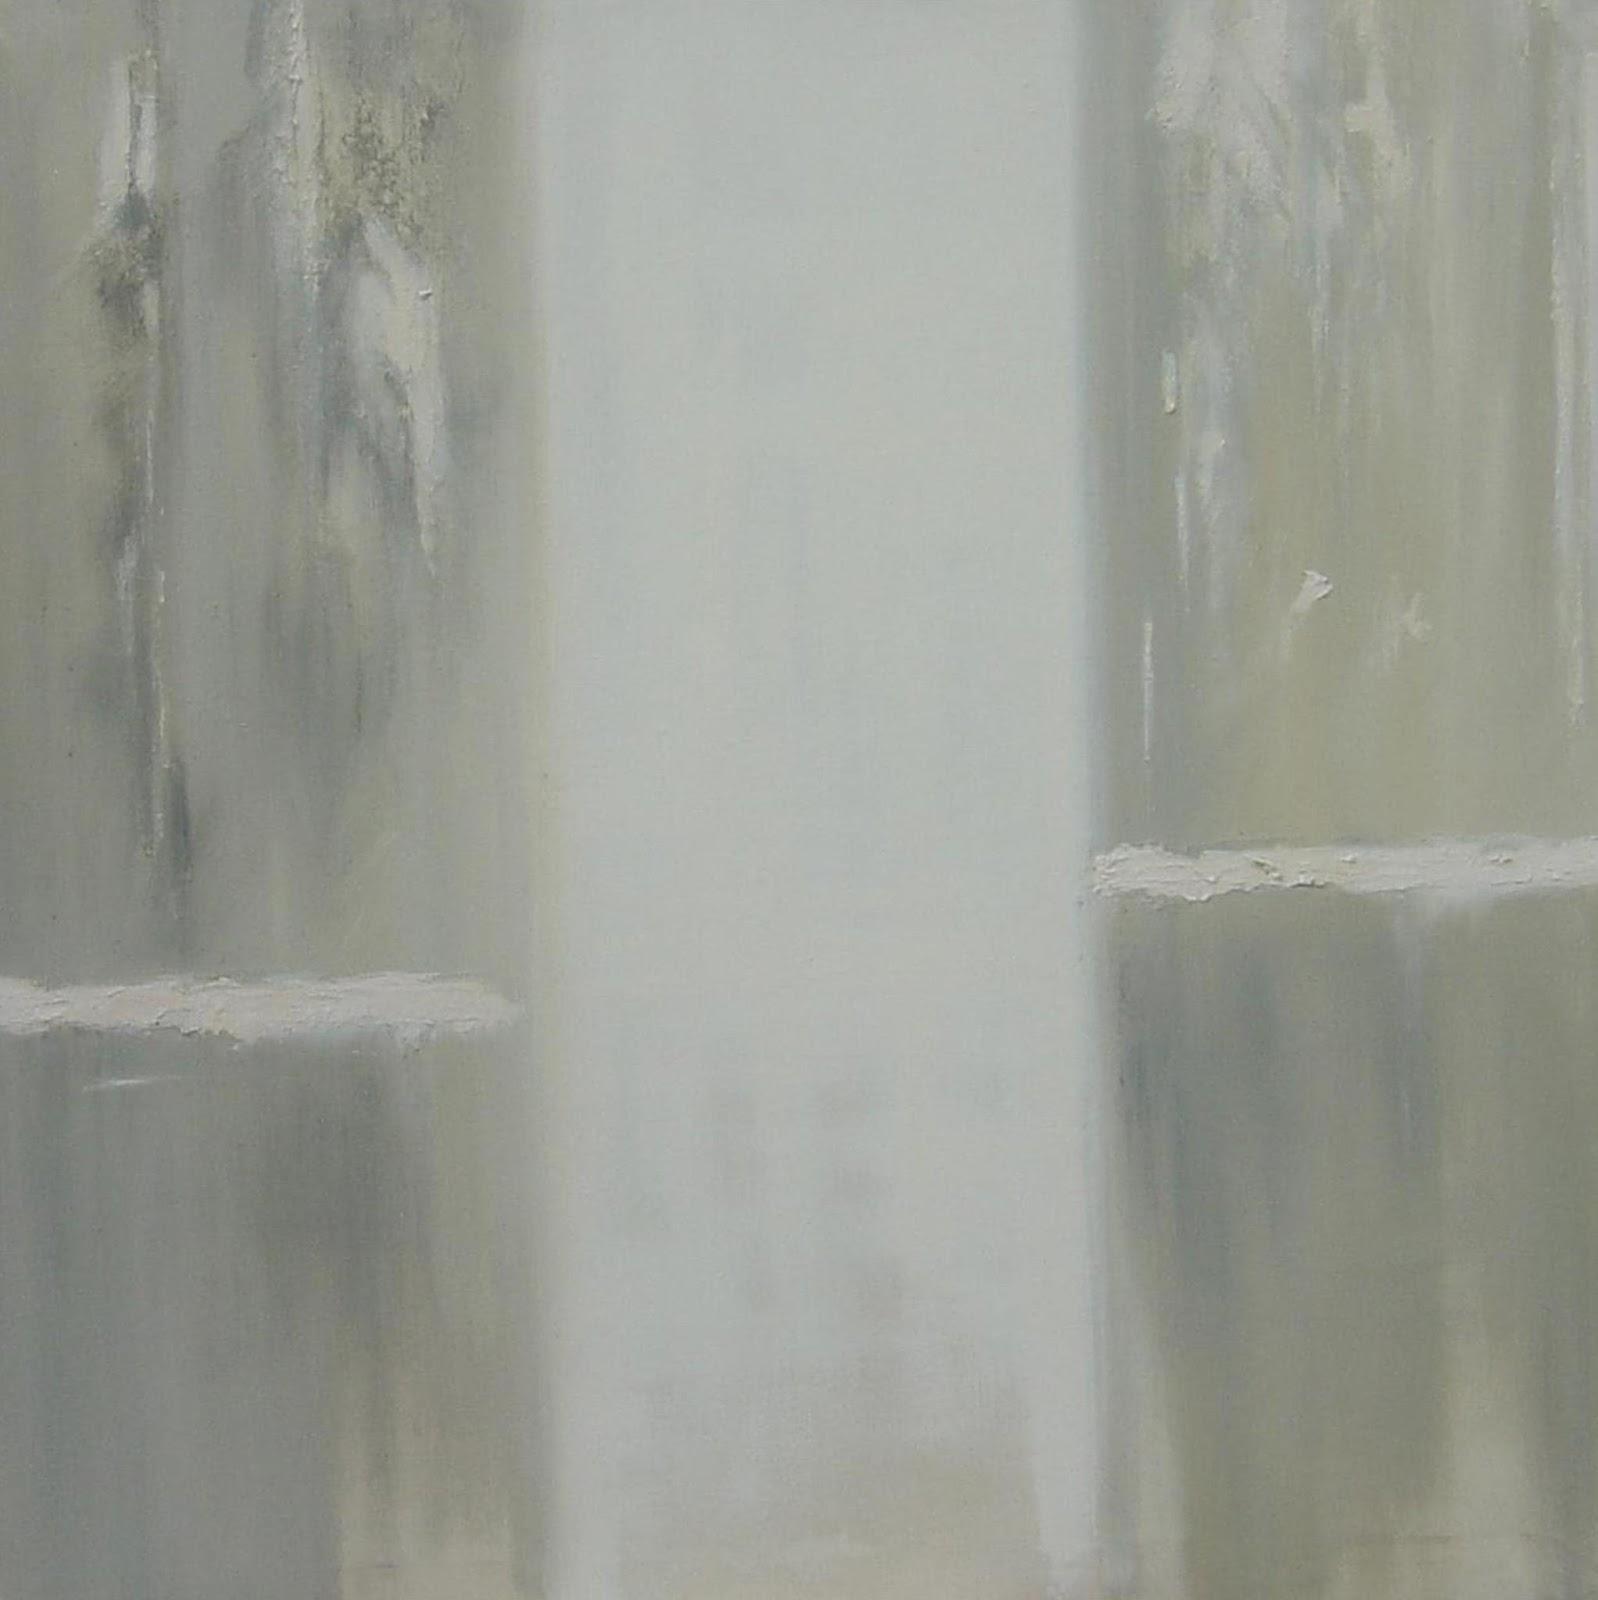 venta de cuadros abstractos, cuadros abstractos, cuadros abstractos modernos, venta de cuadros, cuadros abstractos con relieve, venta cuadros abstractos, cuadros modernos, pinturas abstractas, ver cuadros abstractos, pinturas al oleo cuadros dipticos abstractos, venta cuadros modernos, compra y venta de cuadros, pinturas modernas, venta de cuadros modernos, pintura abstracta moderna, cuadros decorativos abstractos, pinturas de cuadros abstractos, cuadros modernos para living, cuadros de arte abstracto, venta de cuadros al oleo, cuadros decorativos, cuadros abstractos precios, pintores argentinos actuales, cuadros en oleo, cuadros modernos abstractos texturados, cuadros modernos al oleo, venta de cuadros decorativos, venta de cuadros, venta cuadros, cuadros modernos para dormitorios, cuadros abstractos contemporáneos, pintores argentinos contemporáneos, cuadros abstractos dípticos, ventas de cuadros